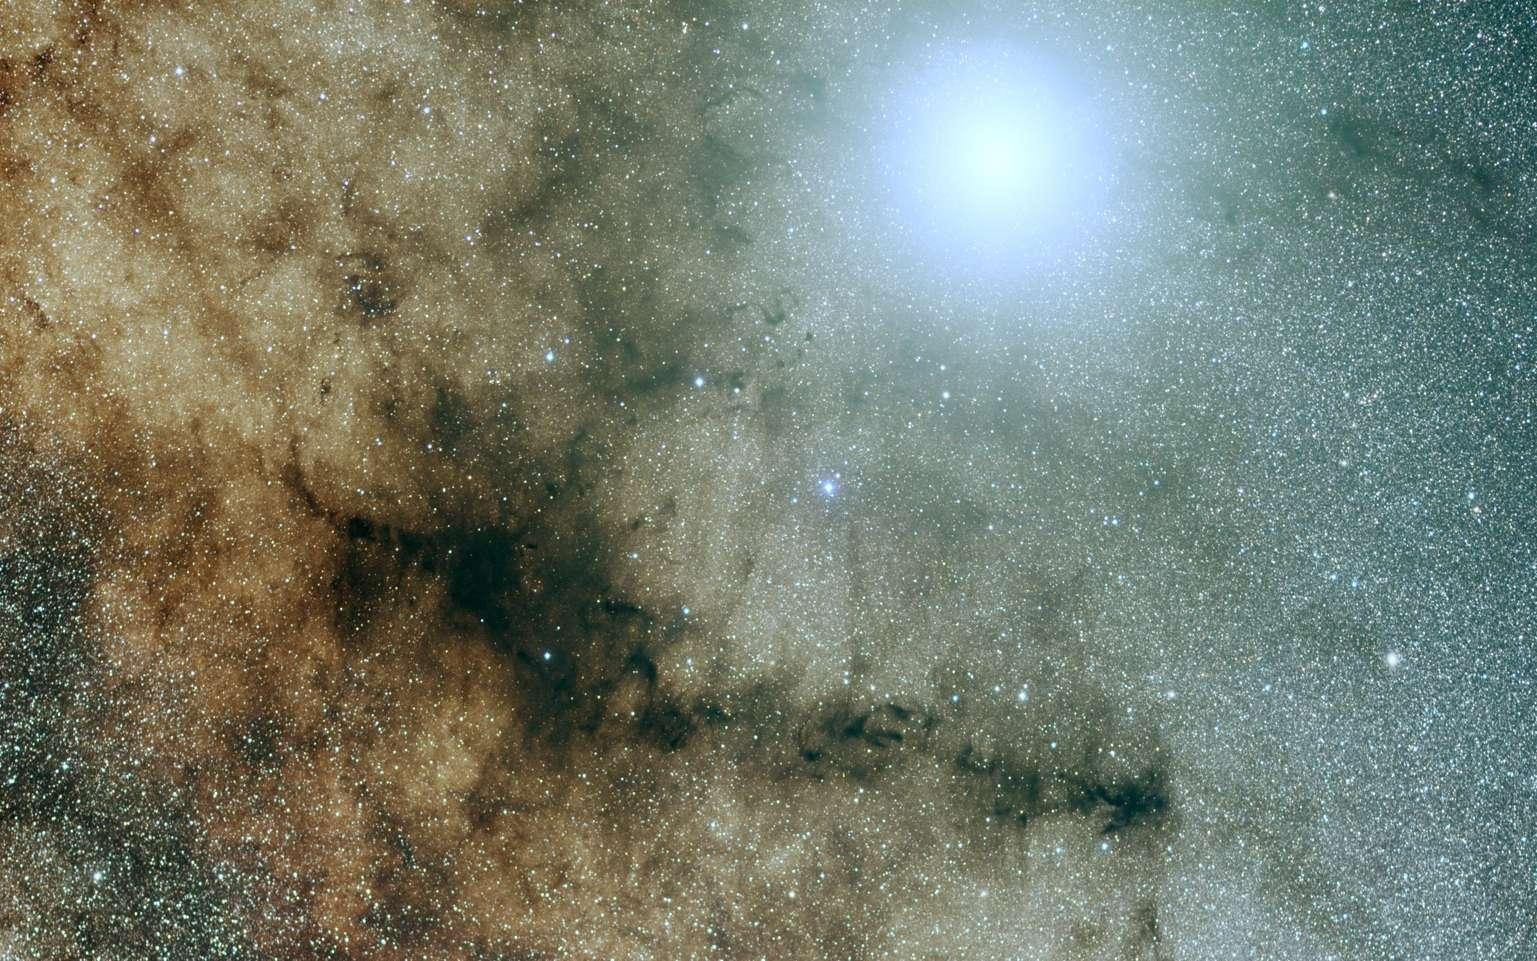 Jupiter est étincelante devant les milliards d'étoiles de la Voie lactée, au-dessus de la nébuleuse de la Pipe. C'était l'image astronomique du jour (Apod) du 7 juin 2019. Superbe photo des Français Alain Maury et Jean-Marc Mari. © Alain Maury, Jean-Marc Mari, Apod